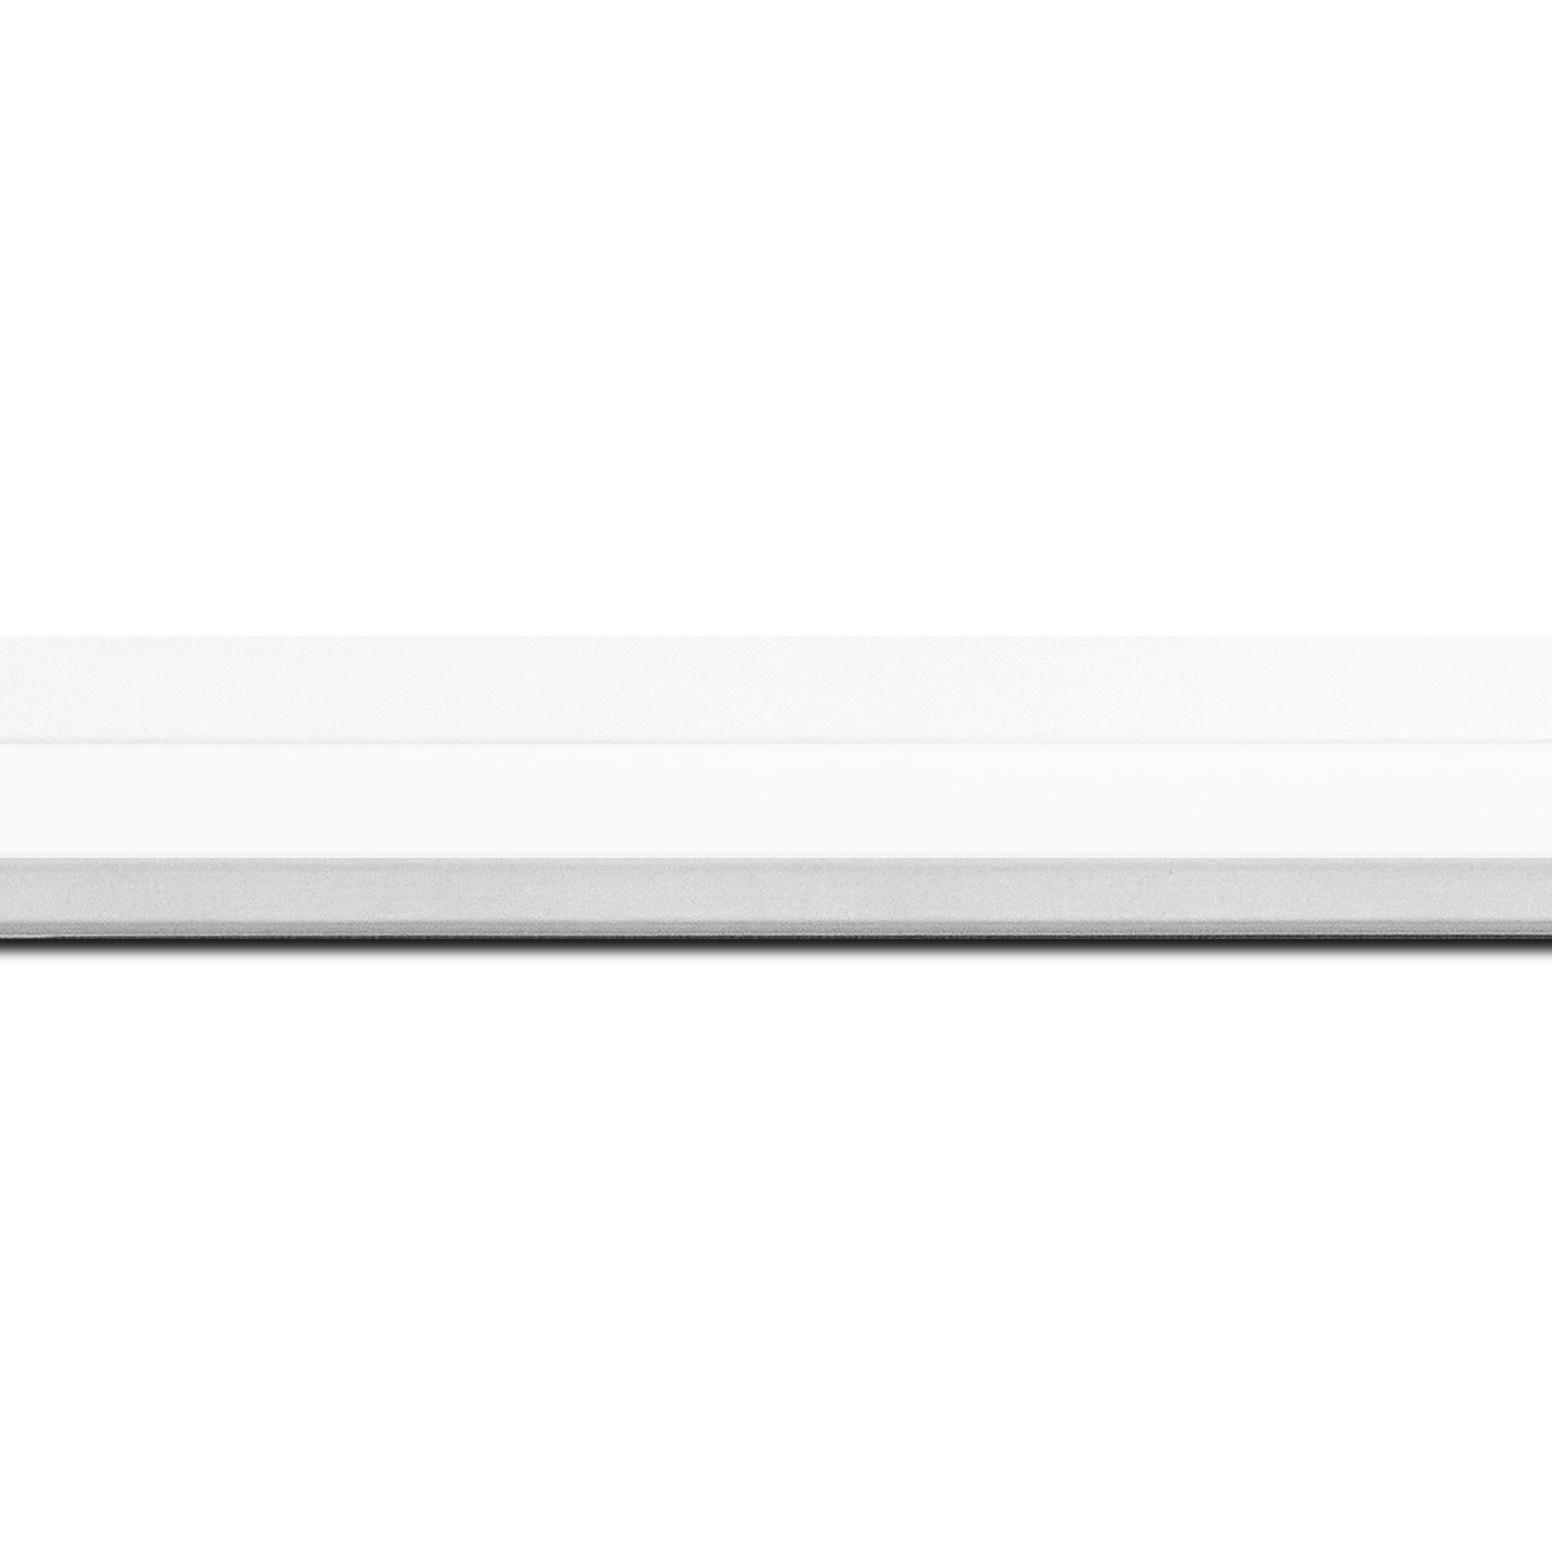 Pack par 12m, bois profil plat profil plat 3 faces largeur 2.8cm de couleur blanc mat finition pore bouché (longueur baguette pouvant varier entre 2.40m et 3m selon arrivage des bois)